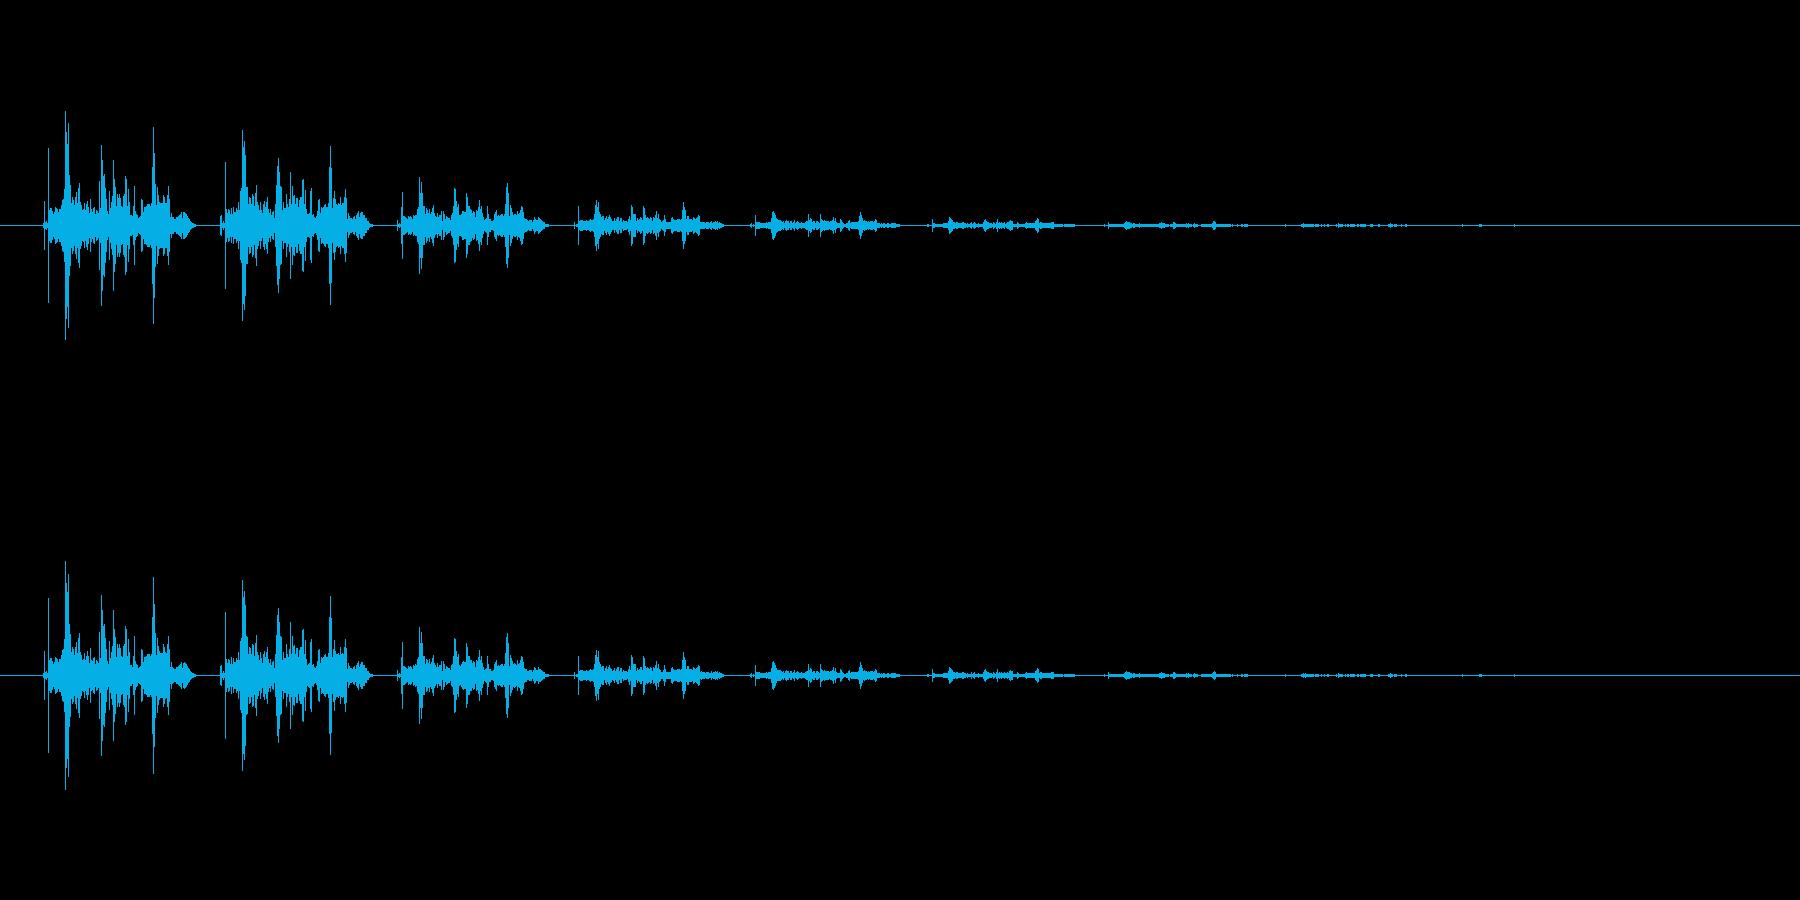 【骨折02-5】の再生済みの波形